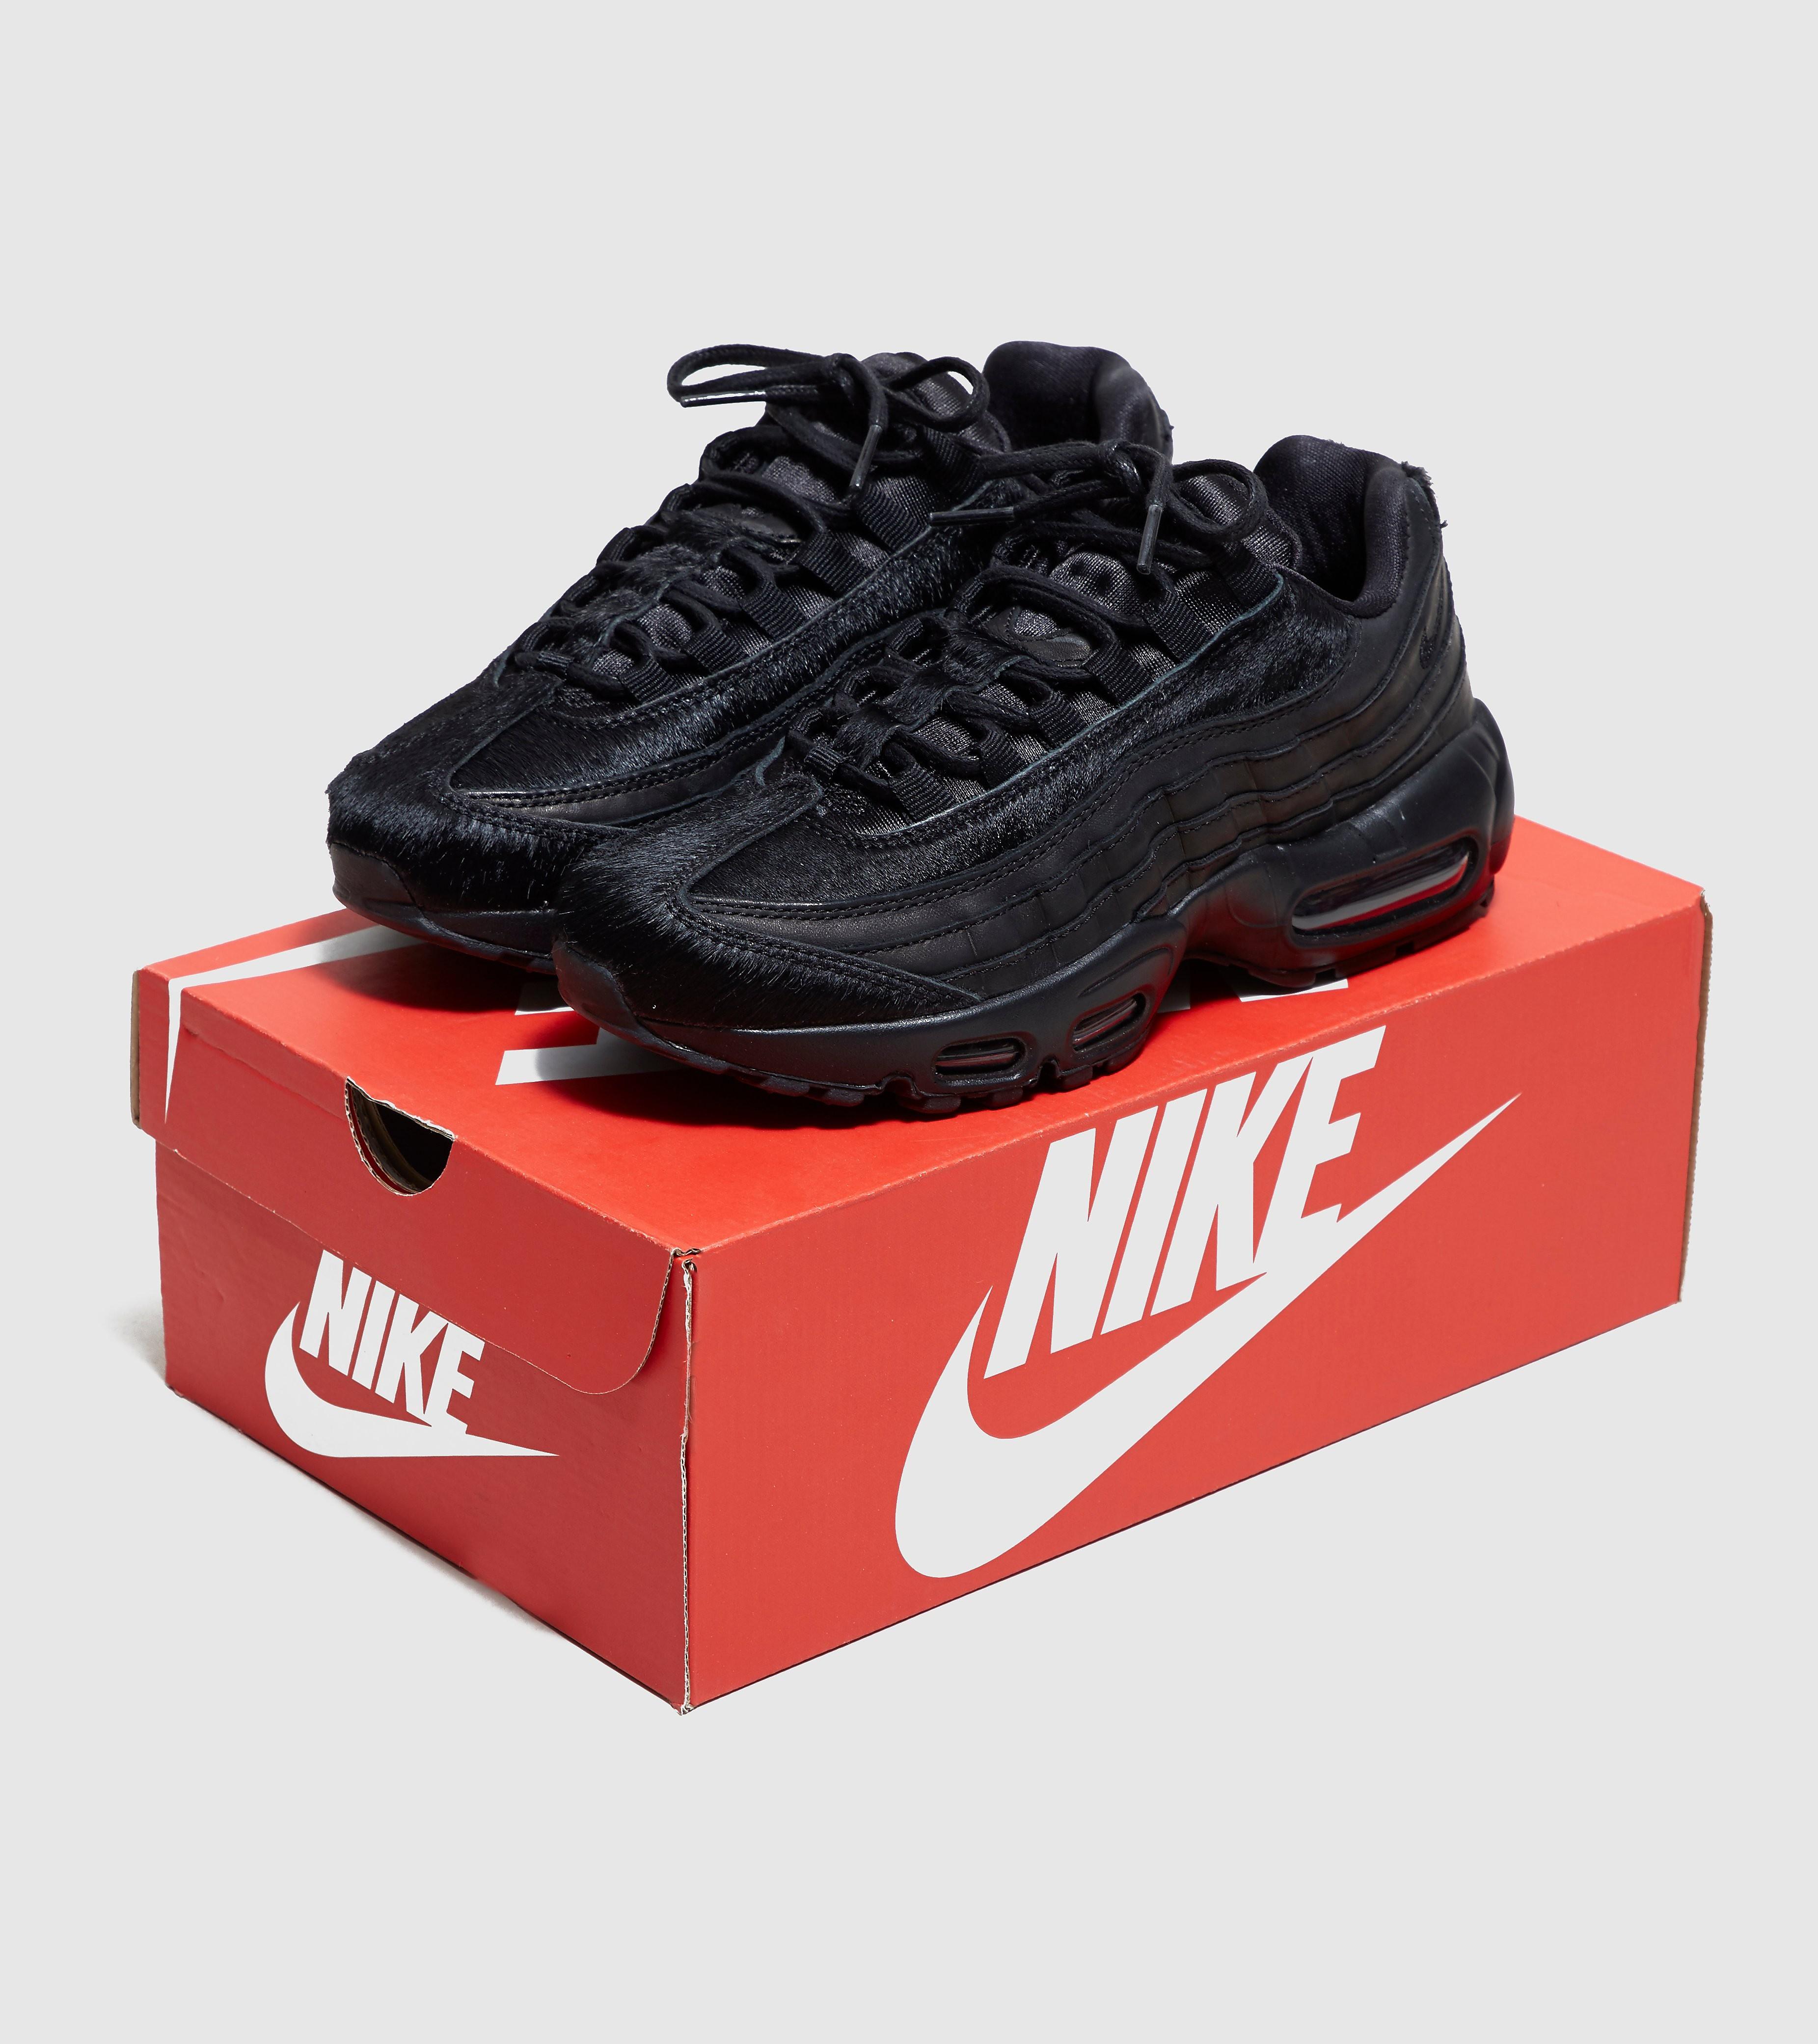 Nike Air Max 95 Premium Women's